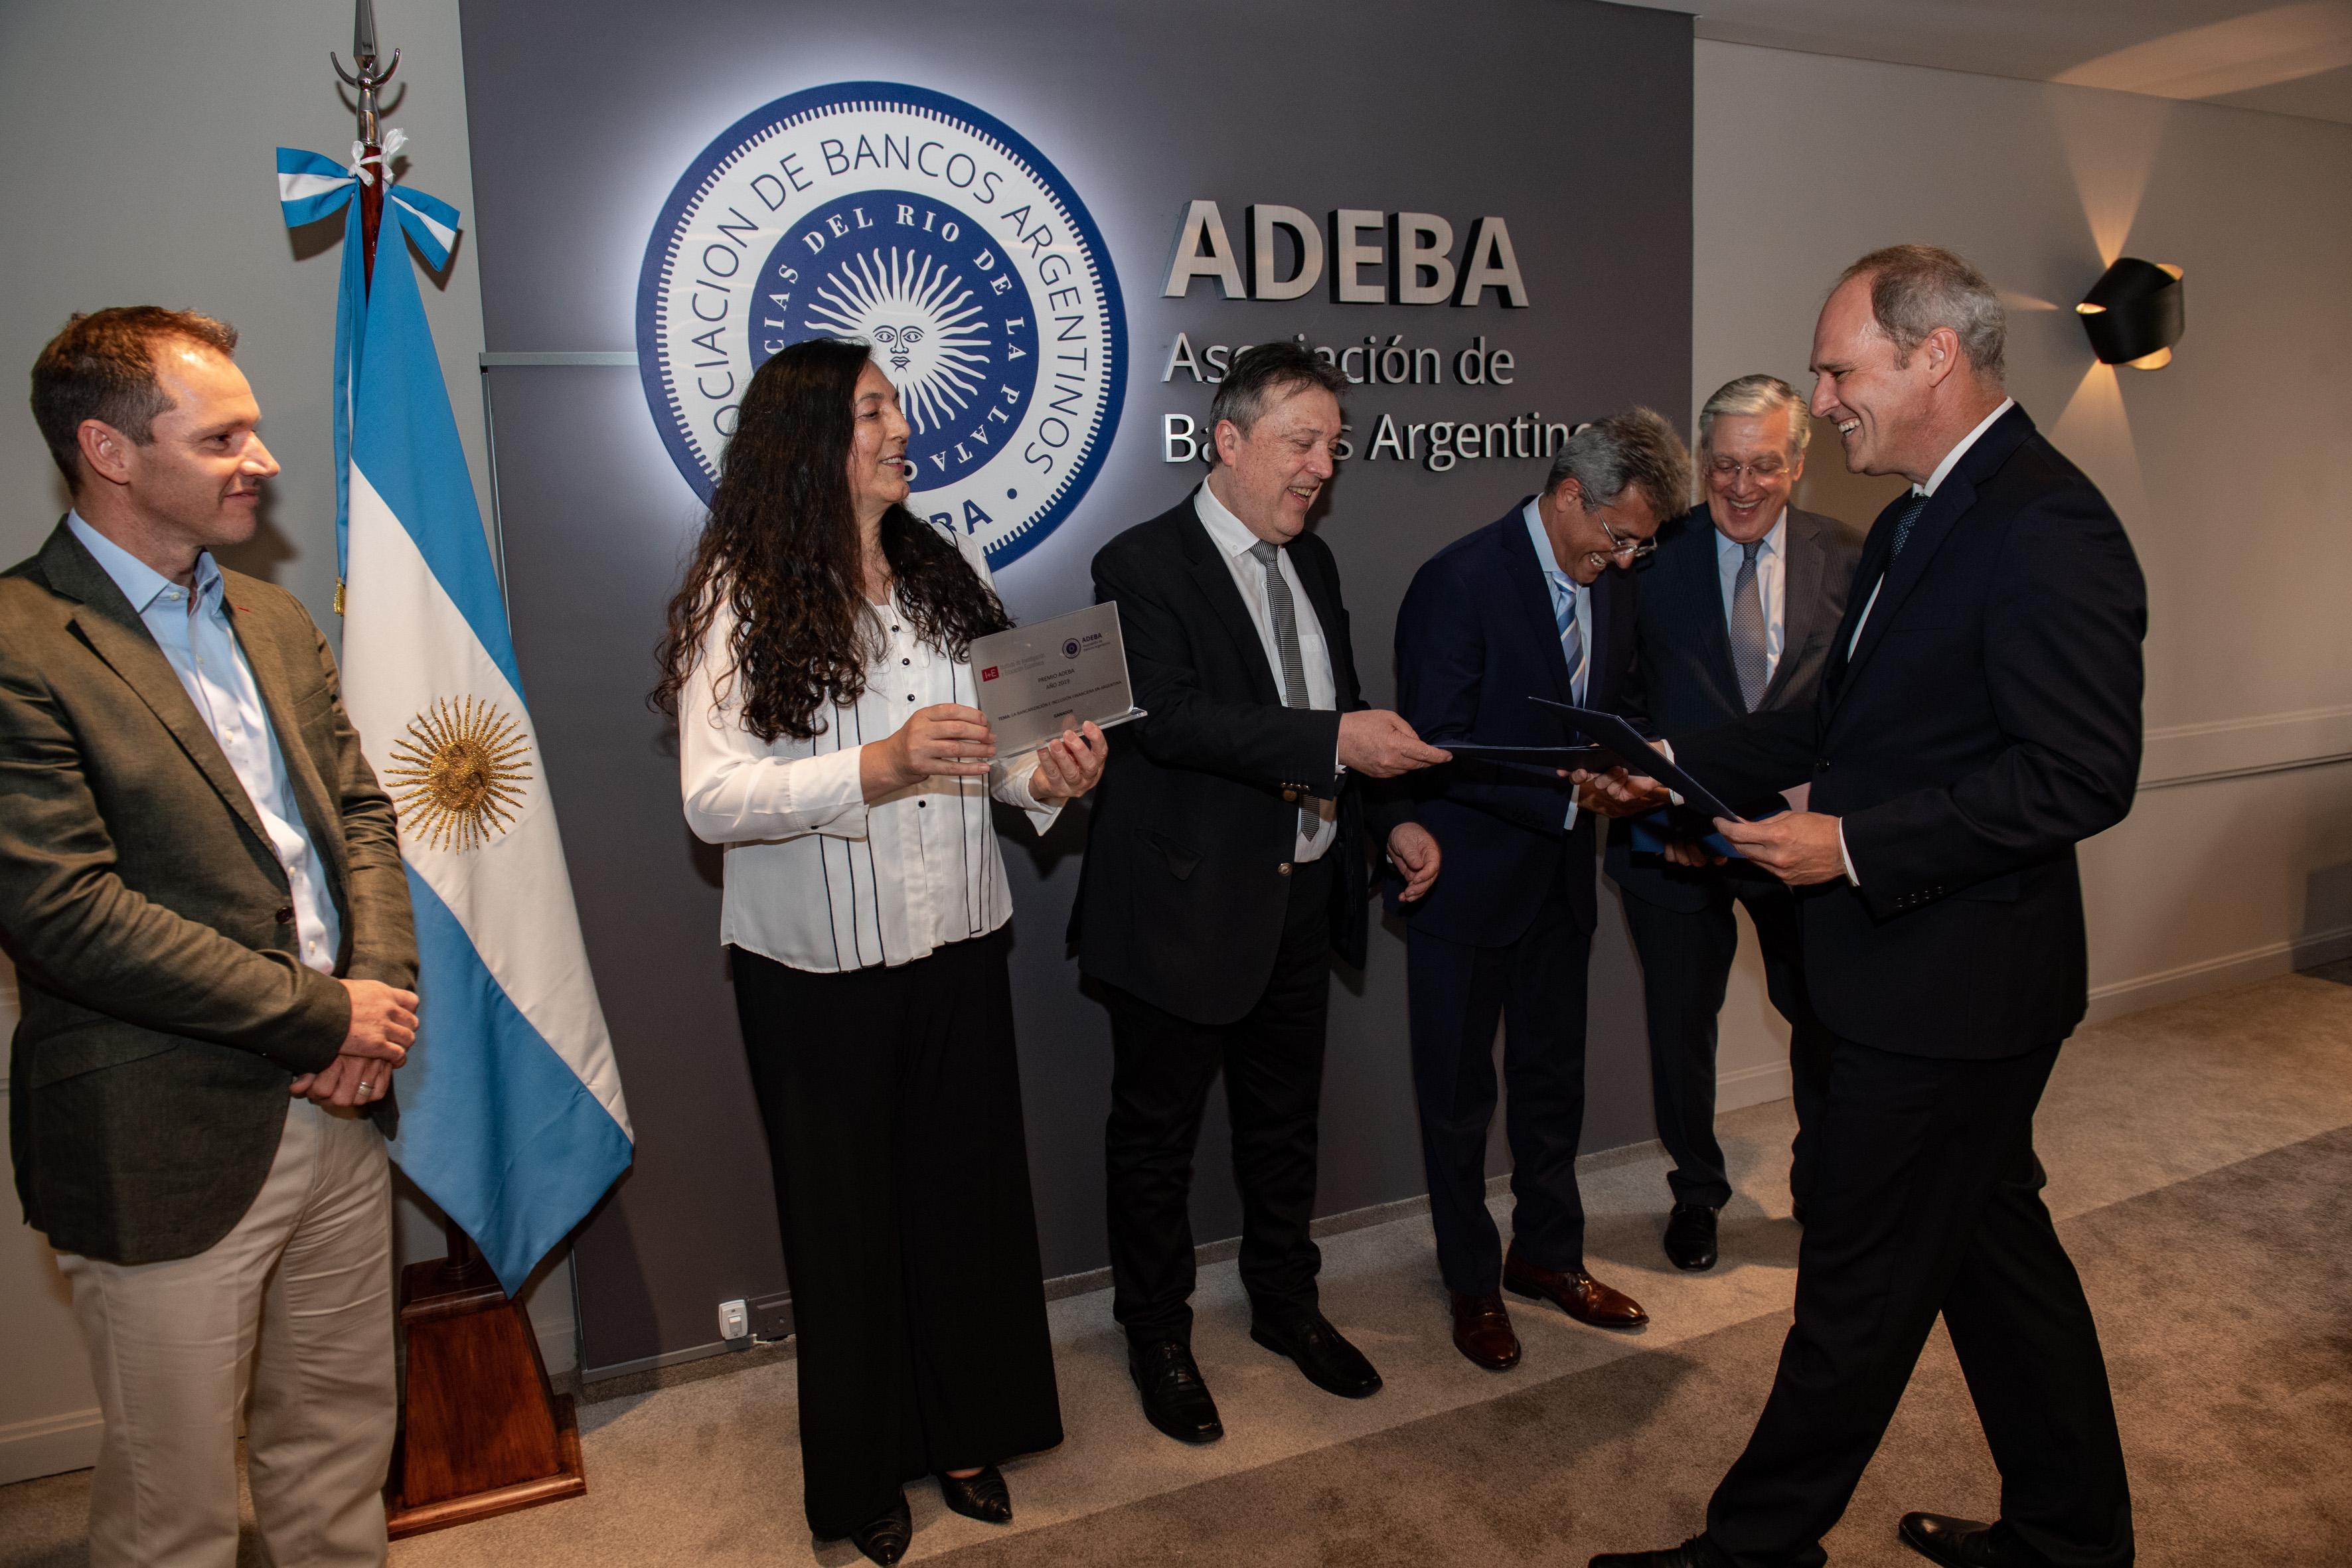 Entrega de diplomas a los ganadores del Premio ADEBA 2019 por parte de las autoridades de la Asociación